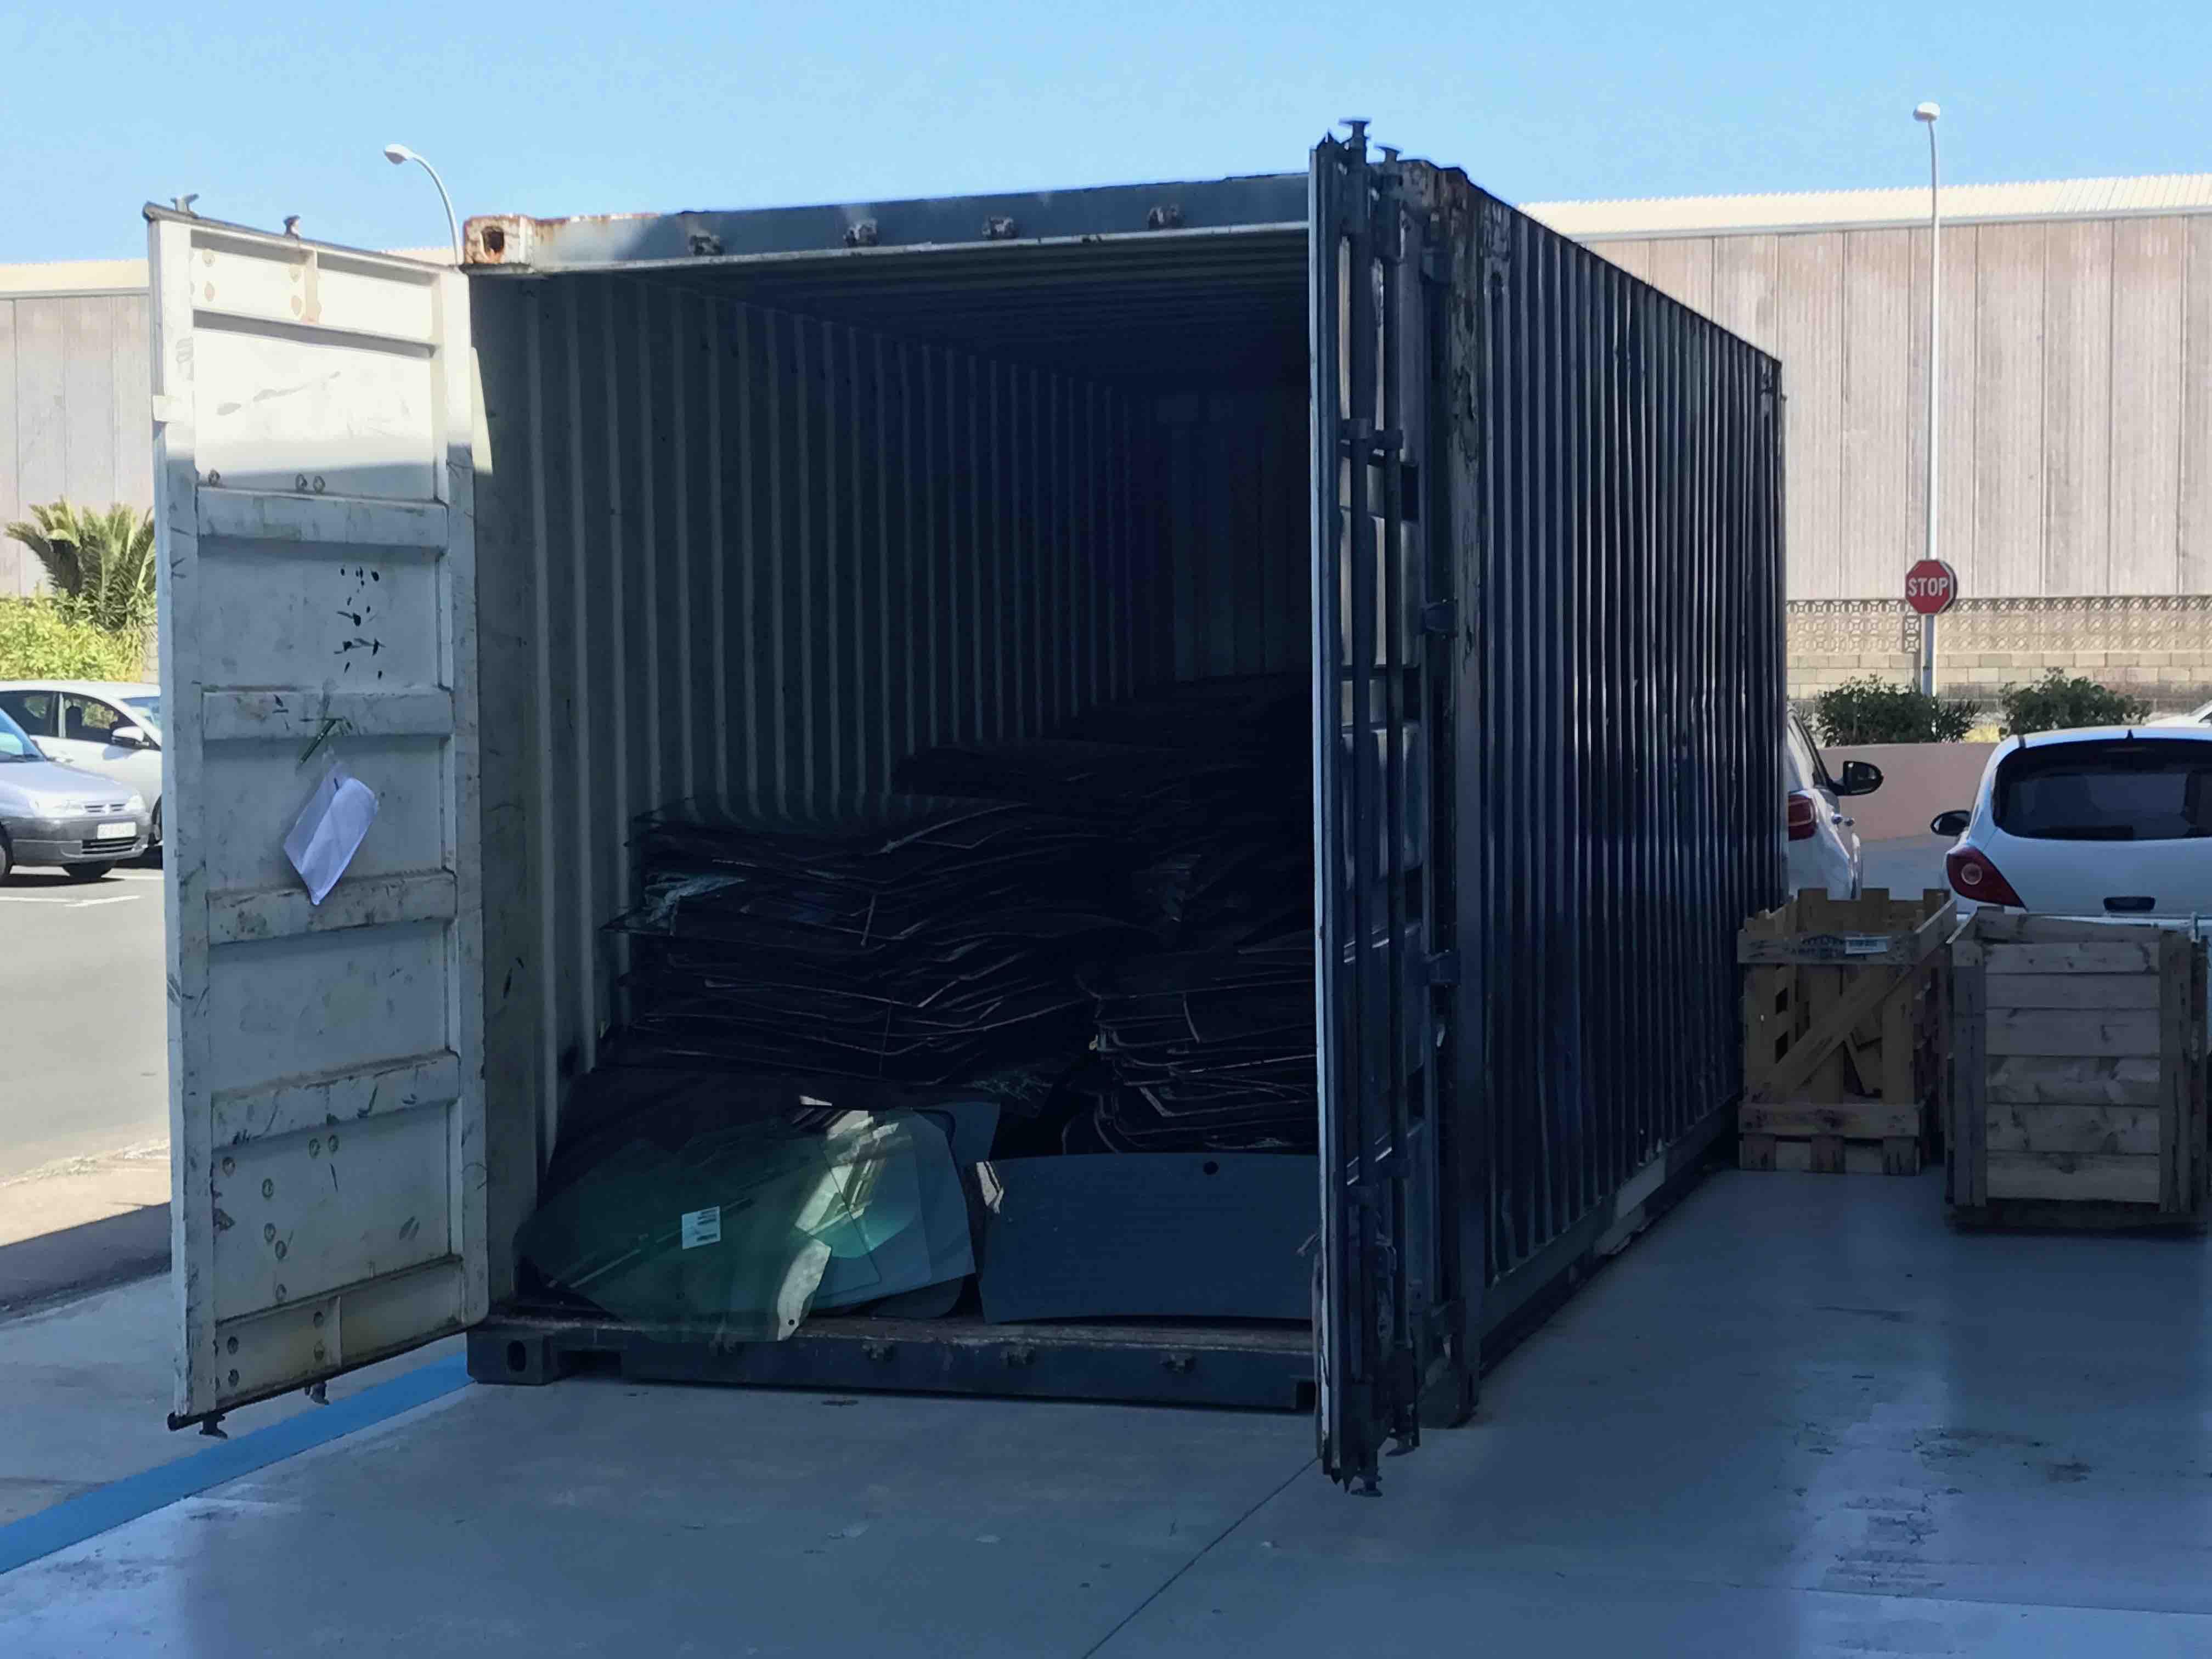 Almacenamiento de parabrisas en Gran Canaria para proceso de reciclaje